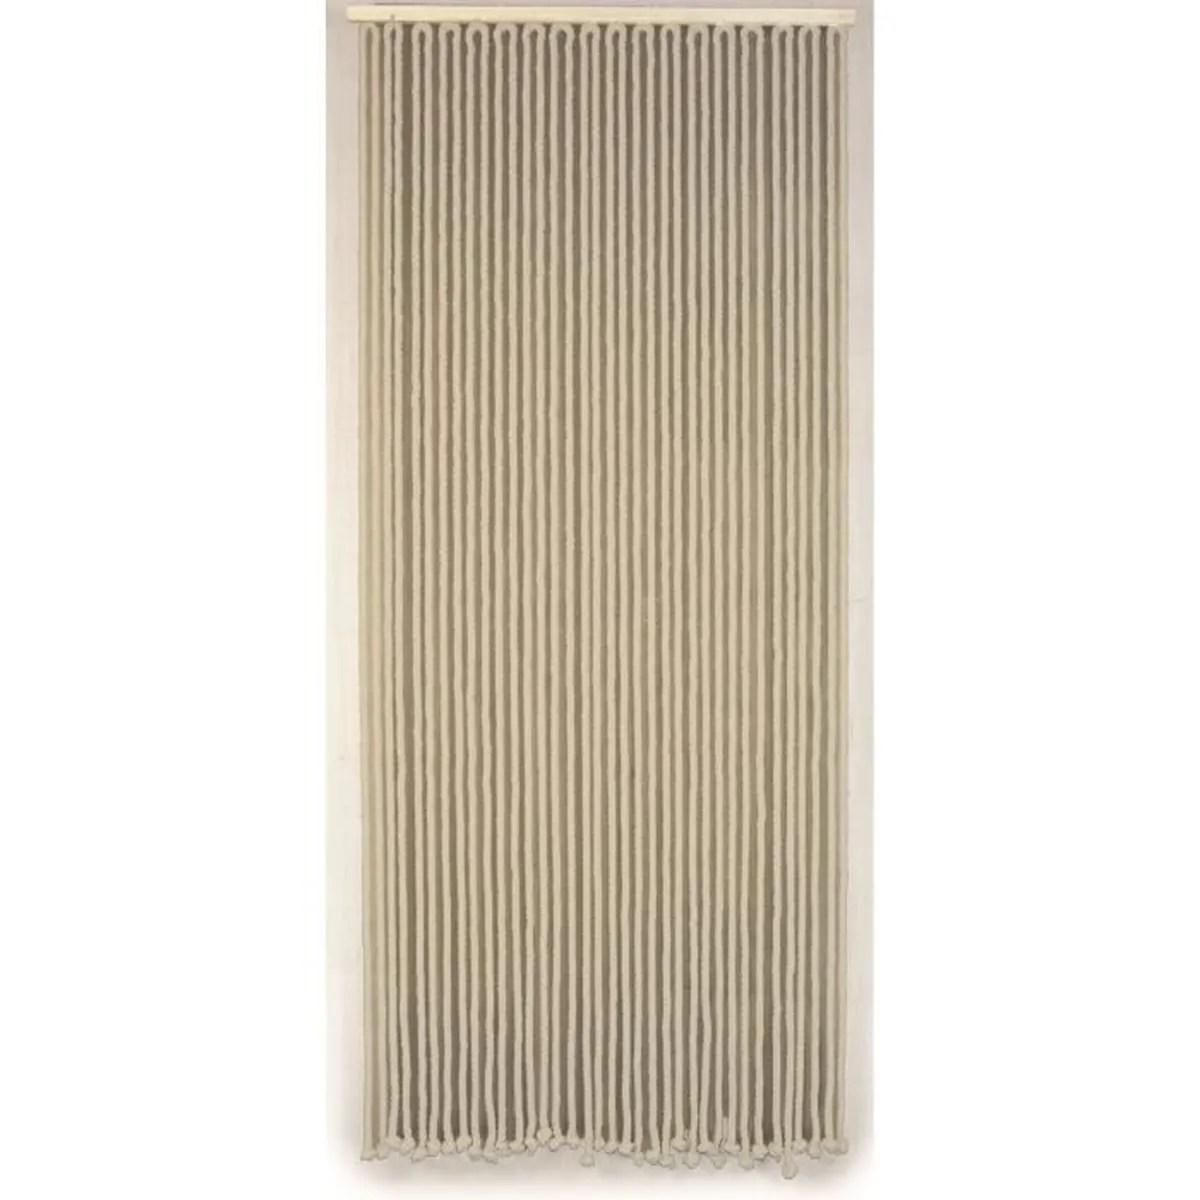 rideau de porte en corde de coton tressee ecru 90x200